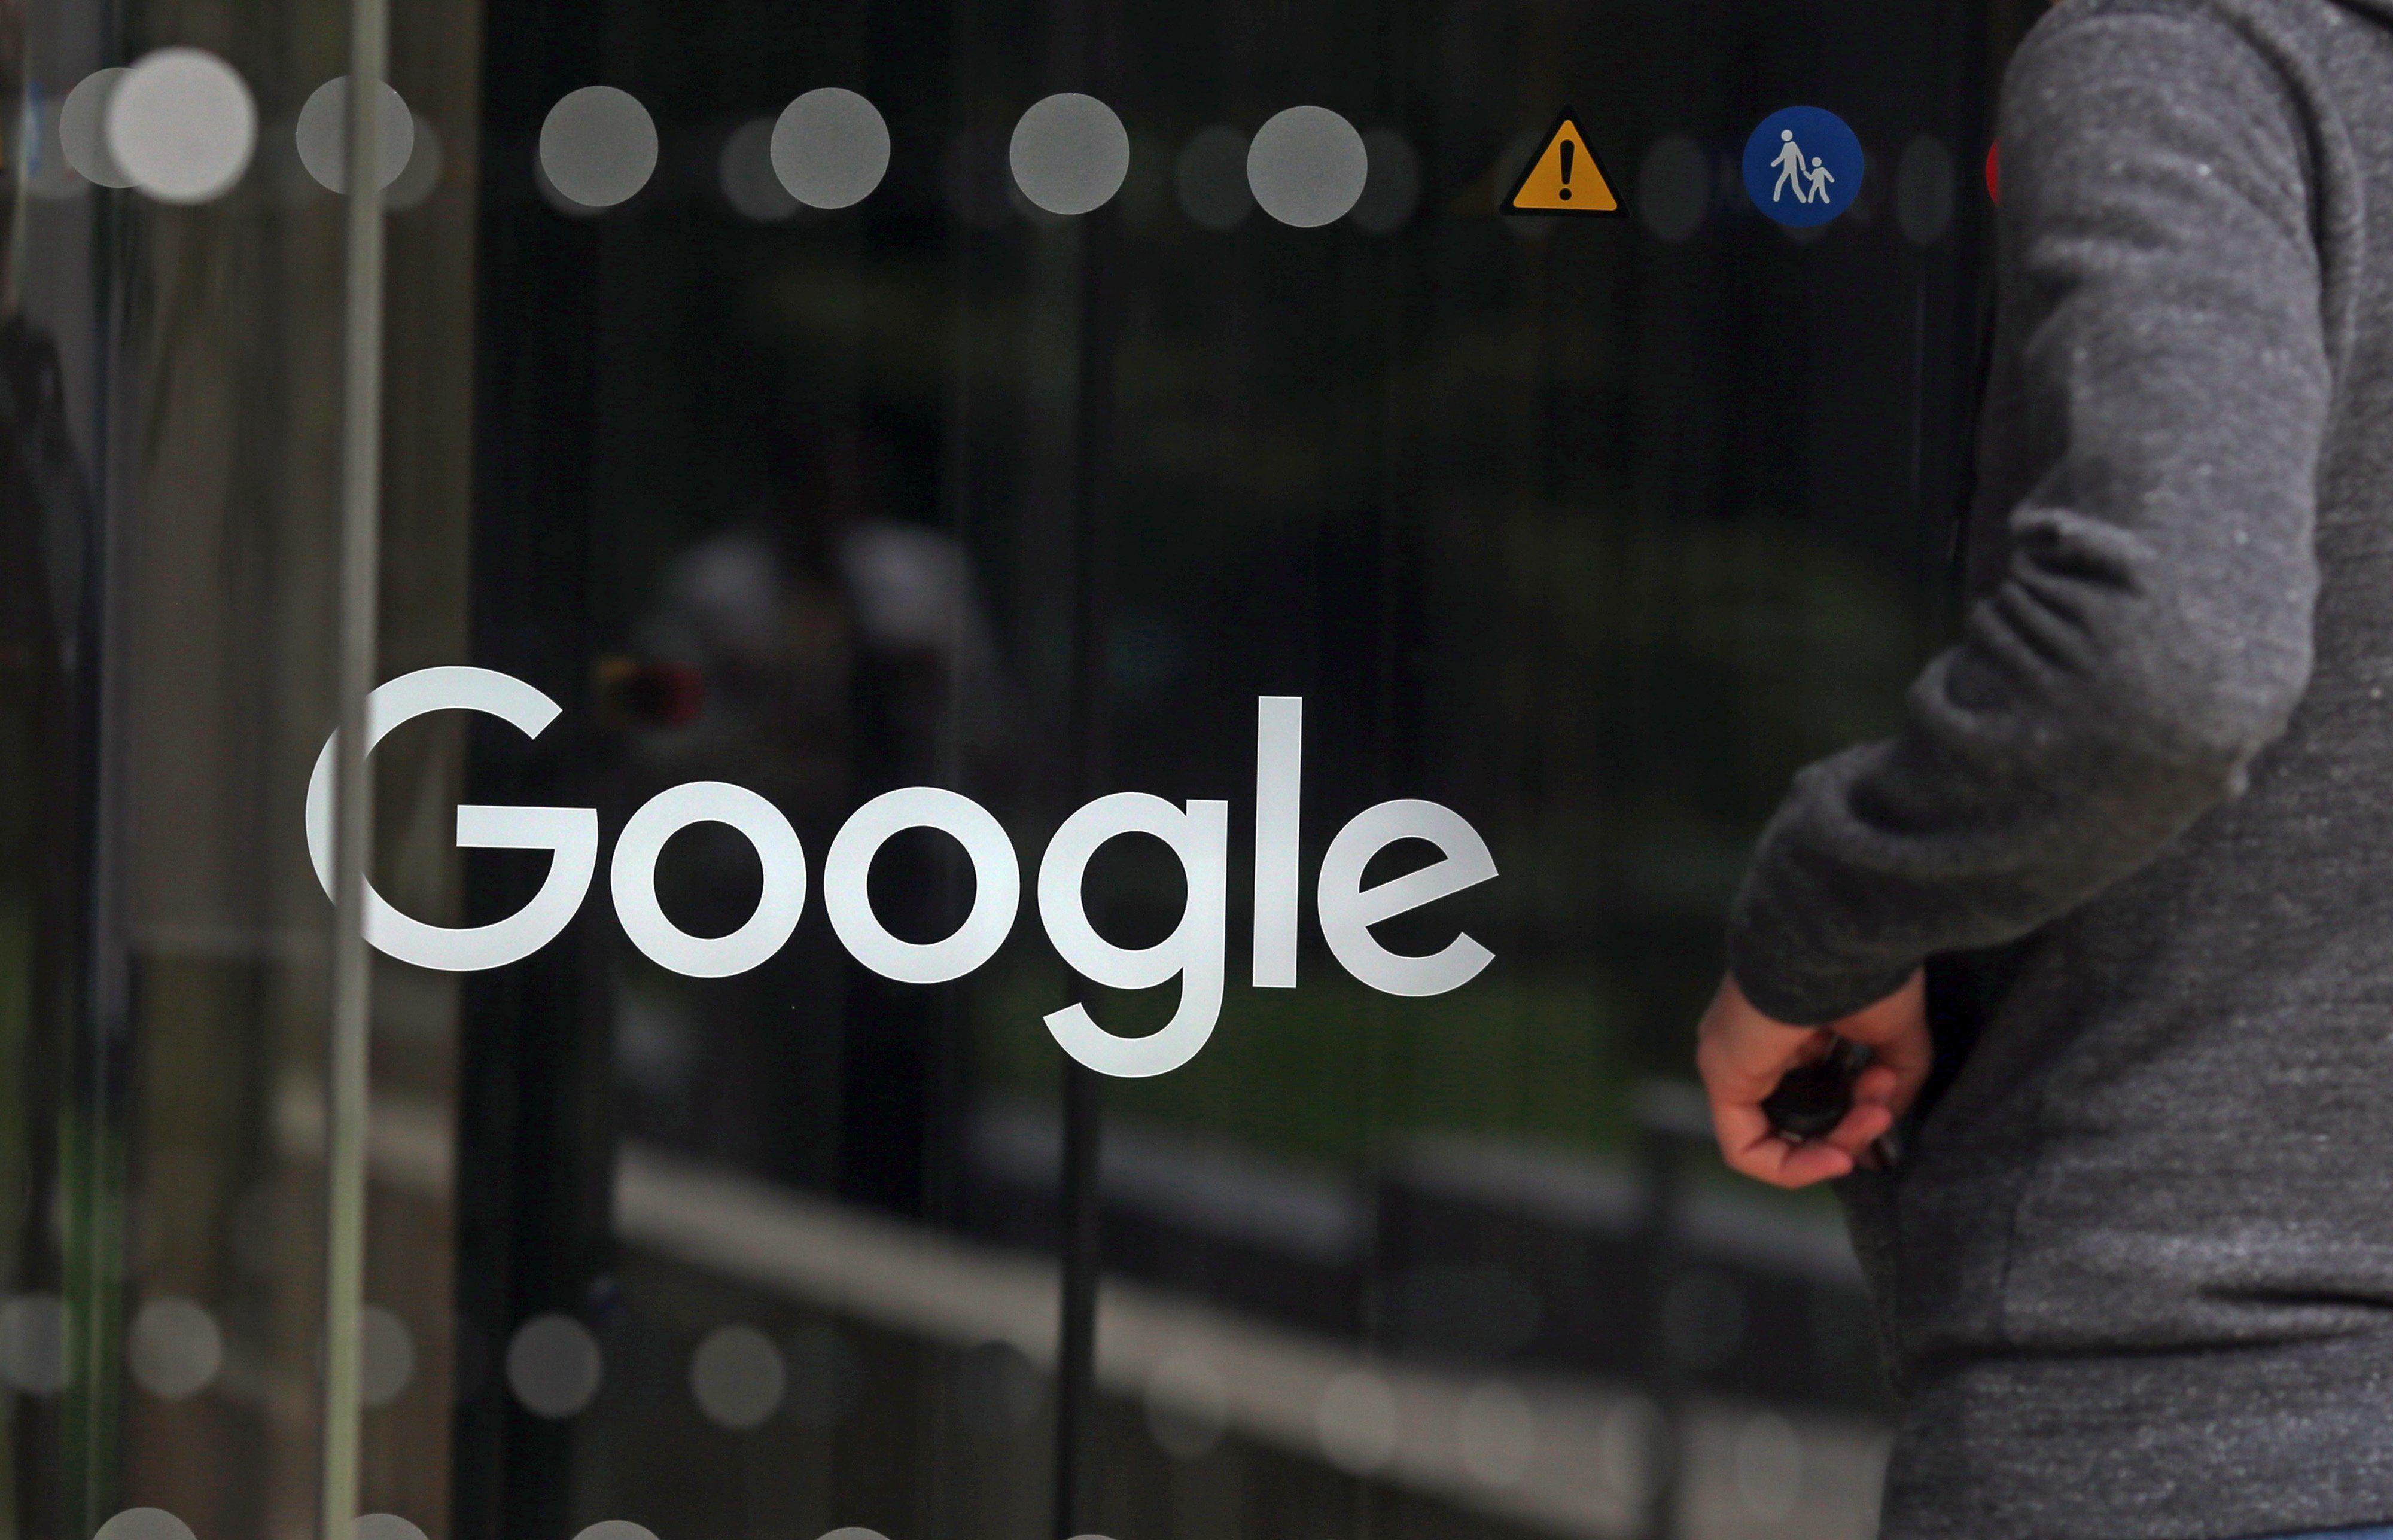 谷歌执行反垄断整改方案:调整搜索、购物广告